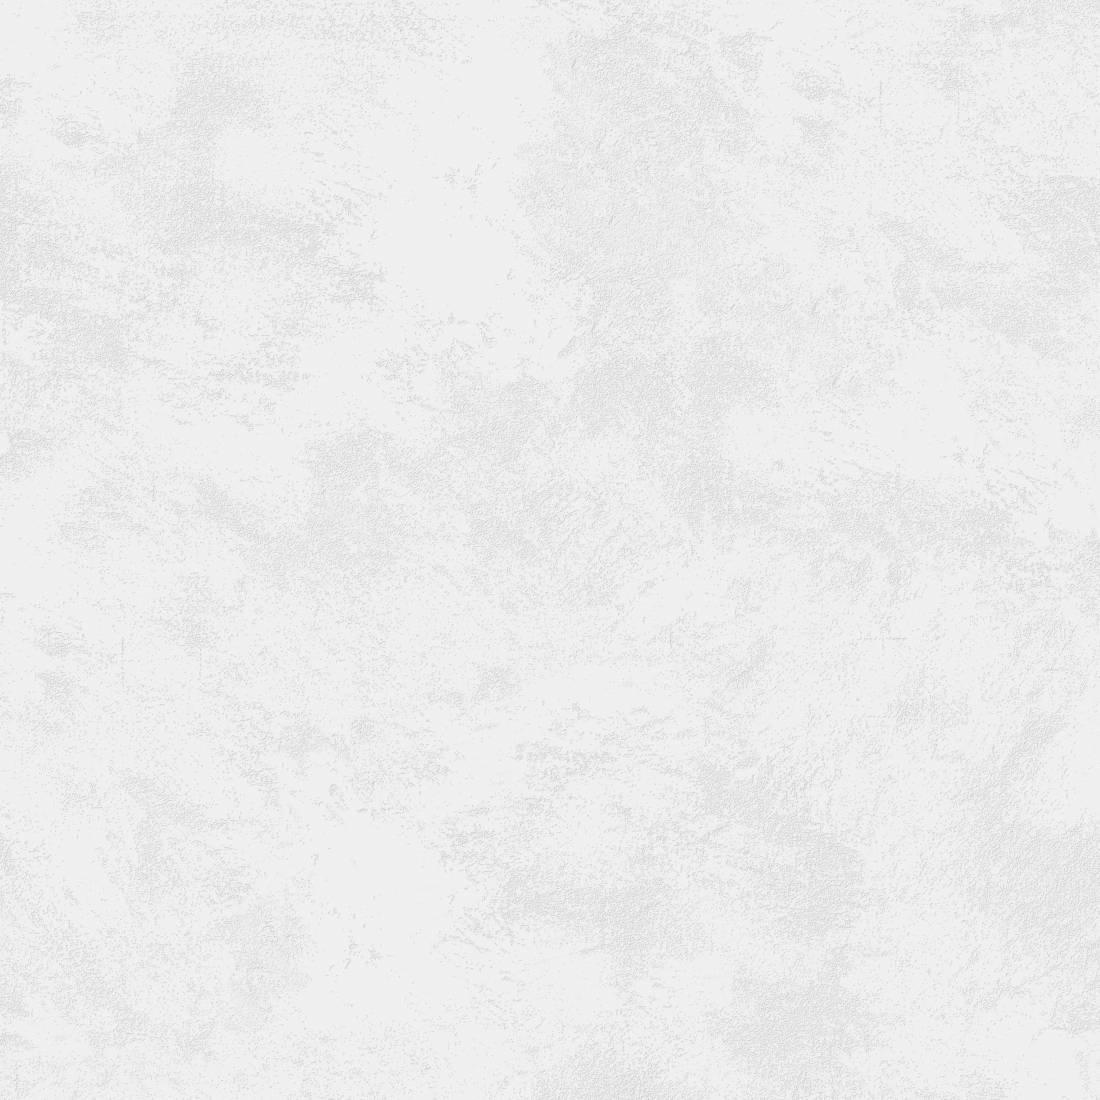 Riga 60x60 White Gloss 1